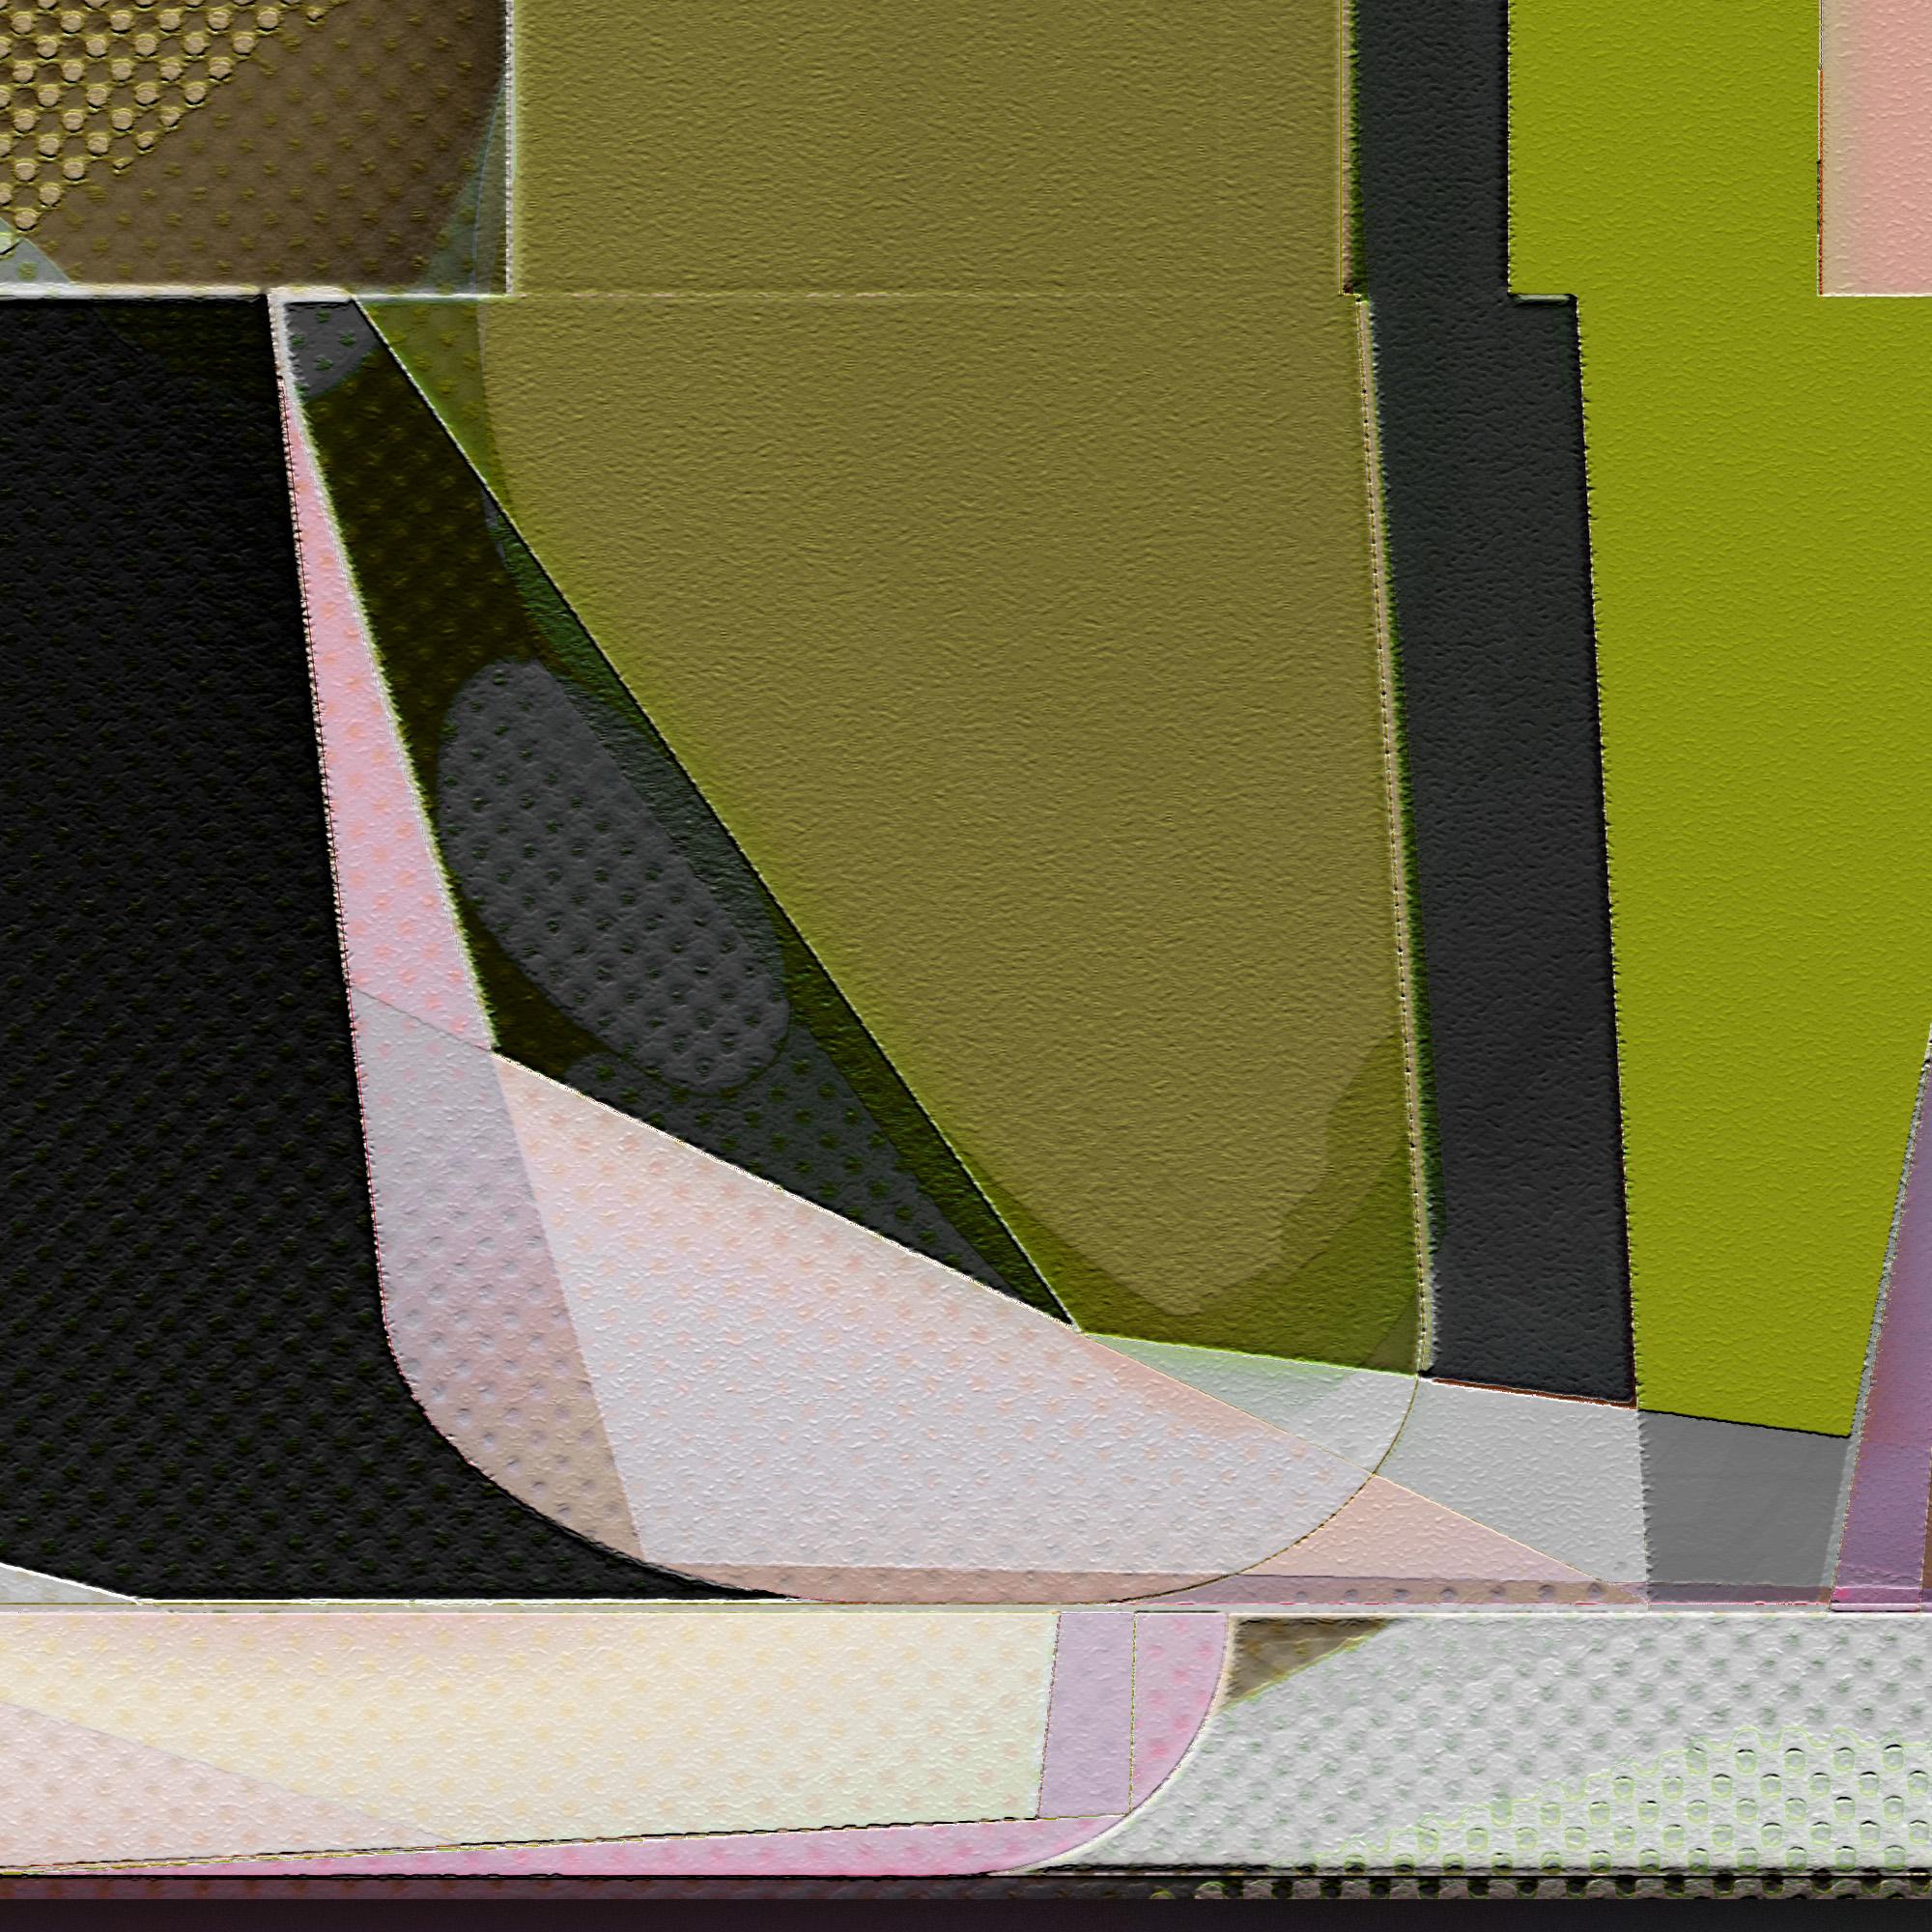 181110_Transit_detail3.jpg